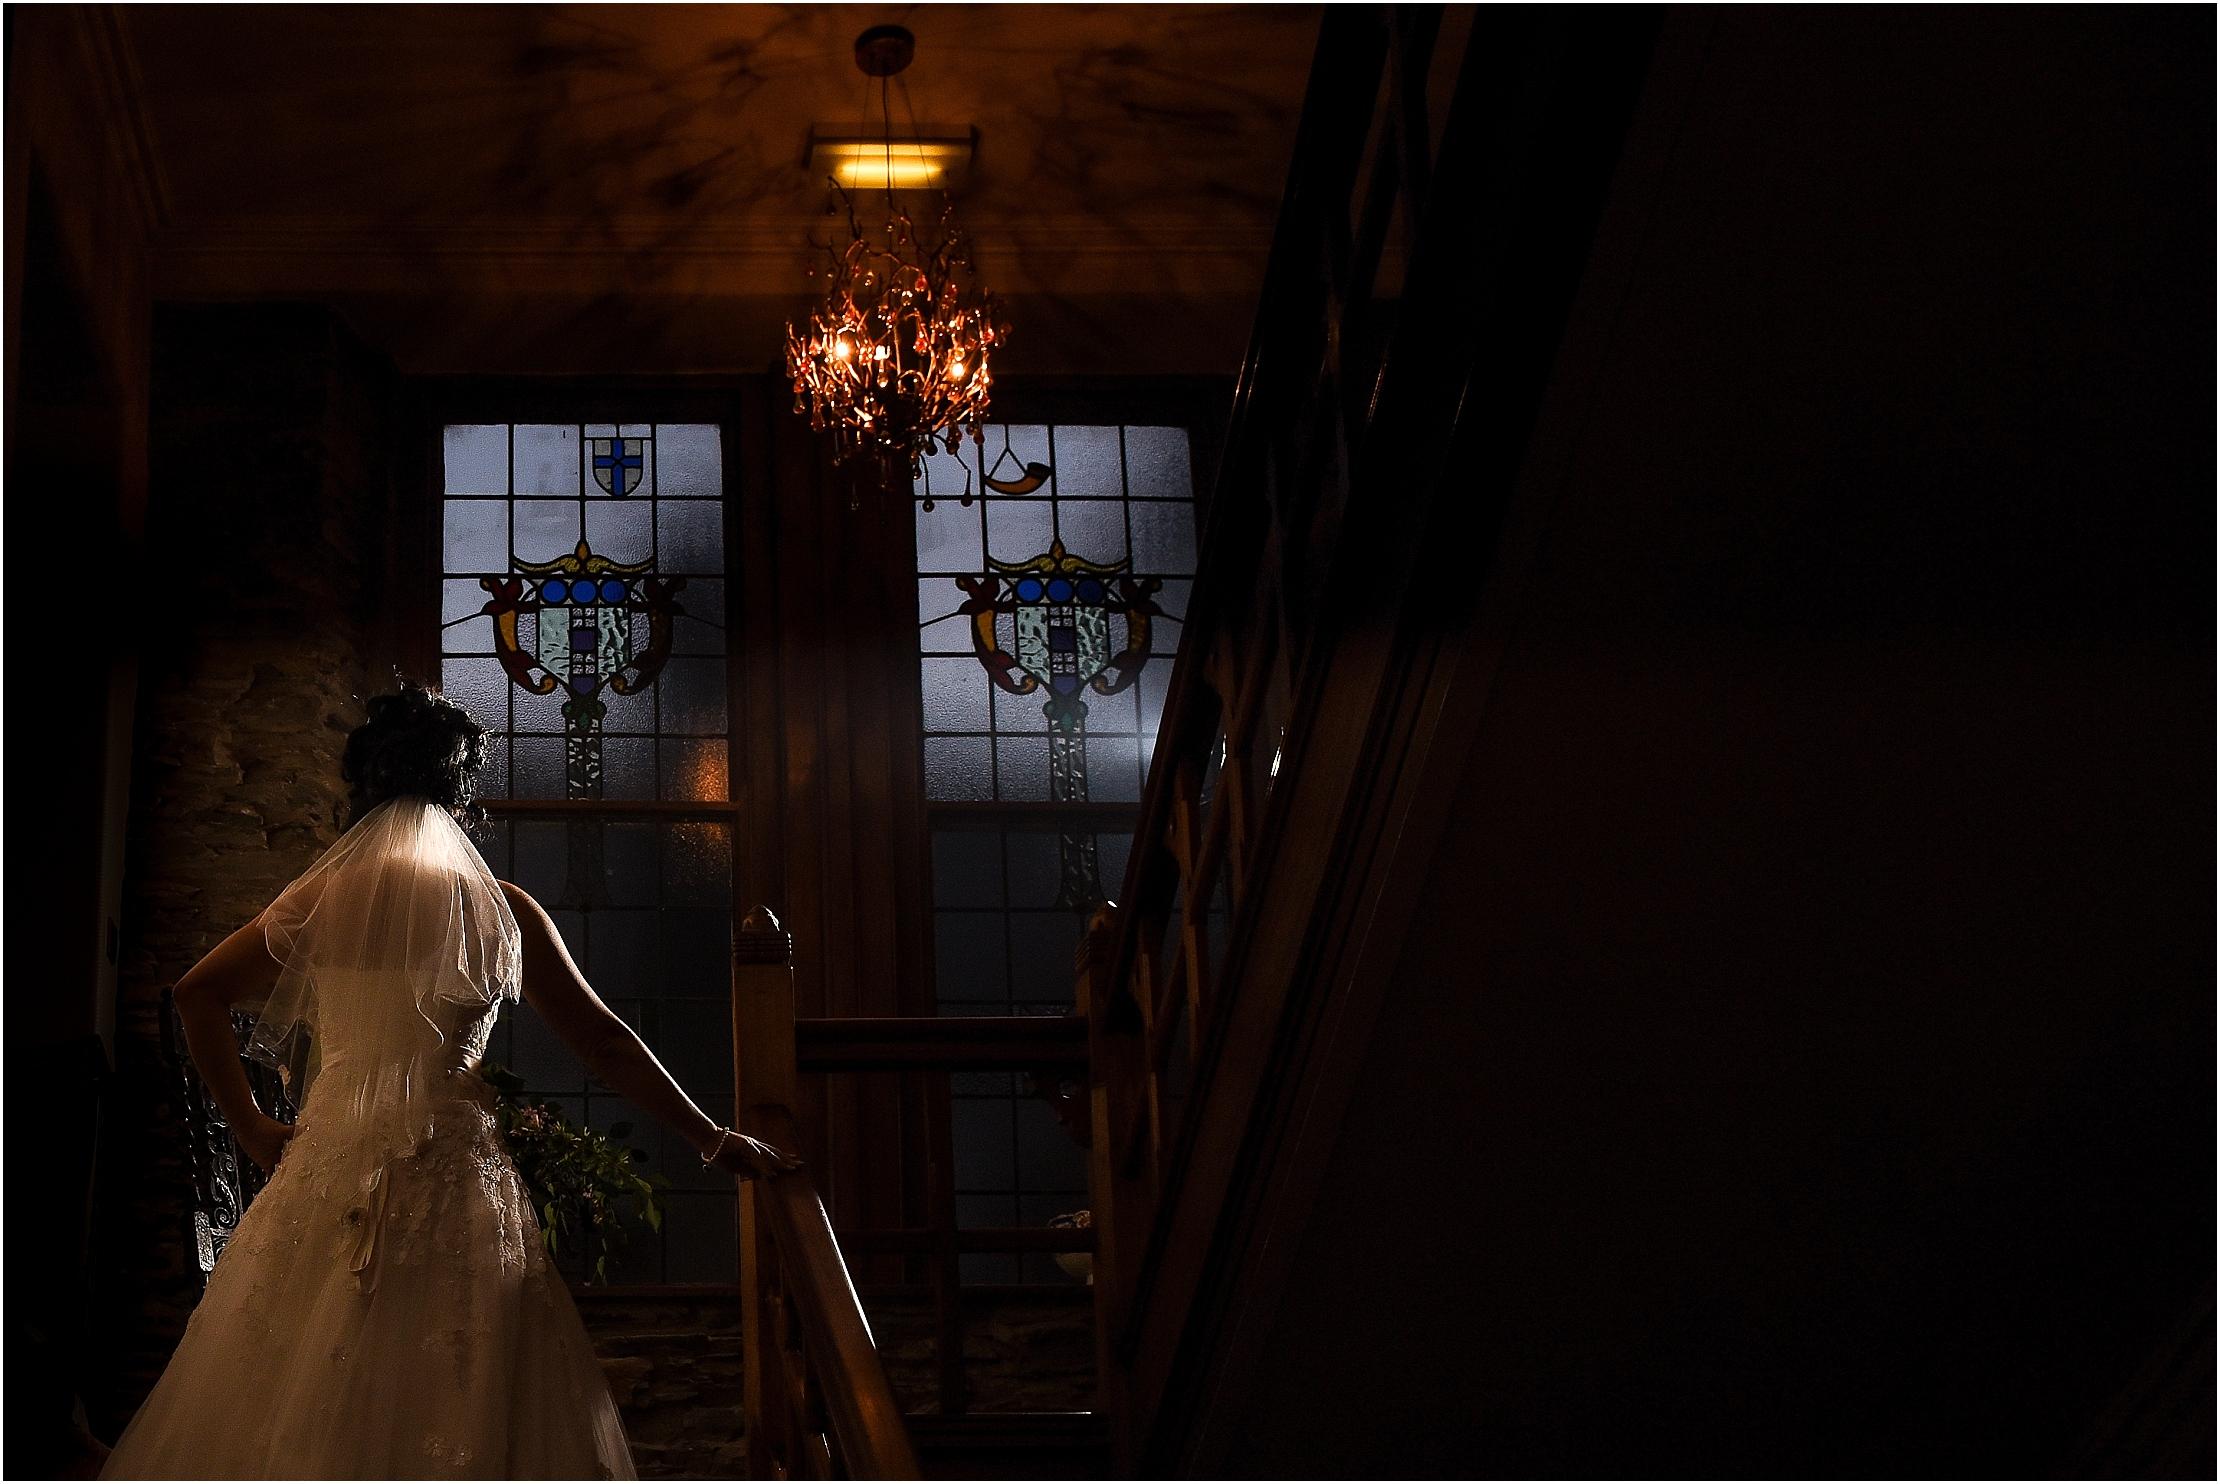 lakeside-hotel-lake-district-wedding - 106.jpg